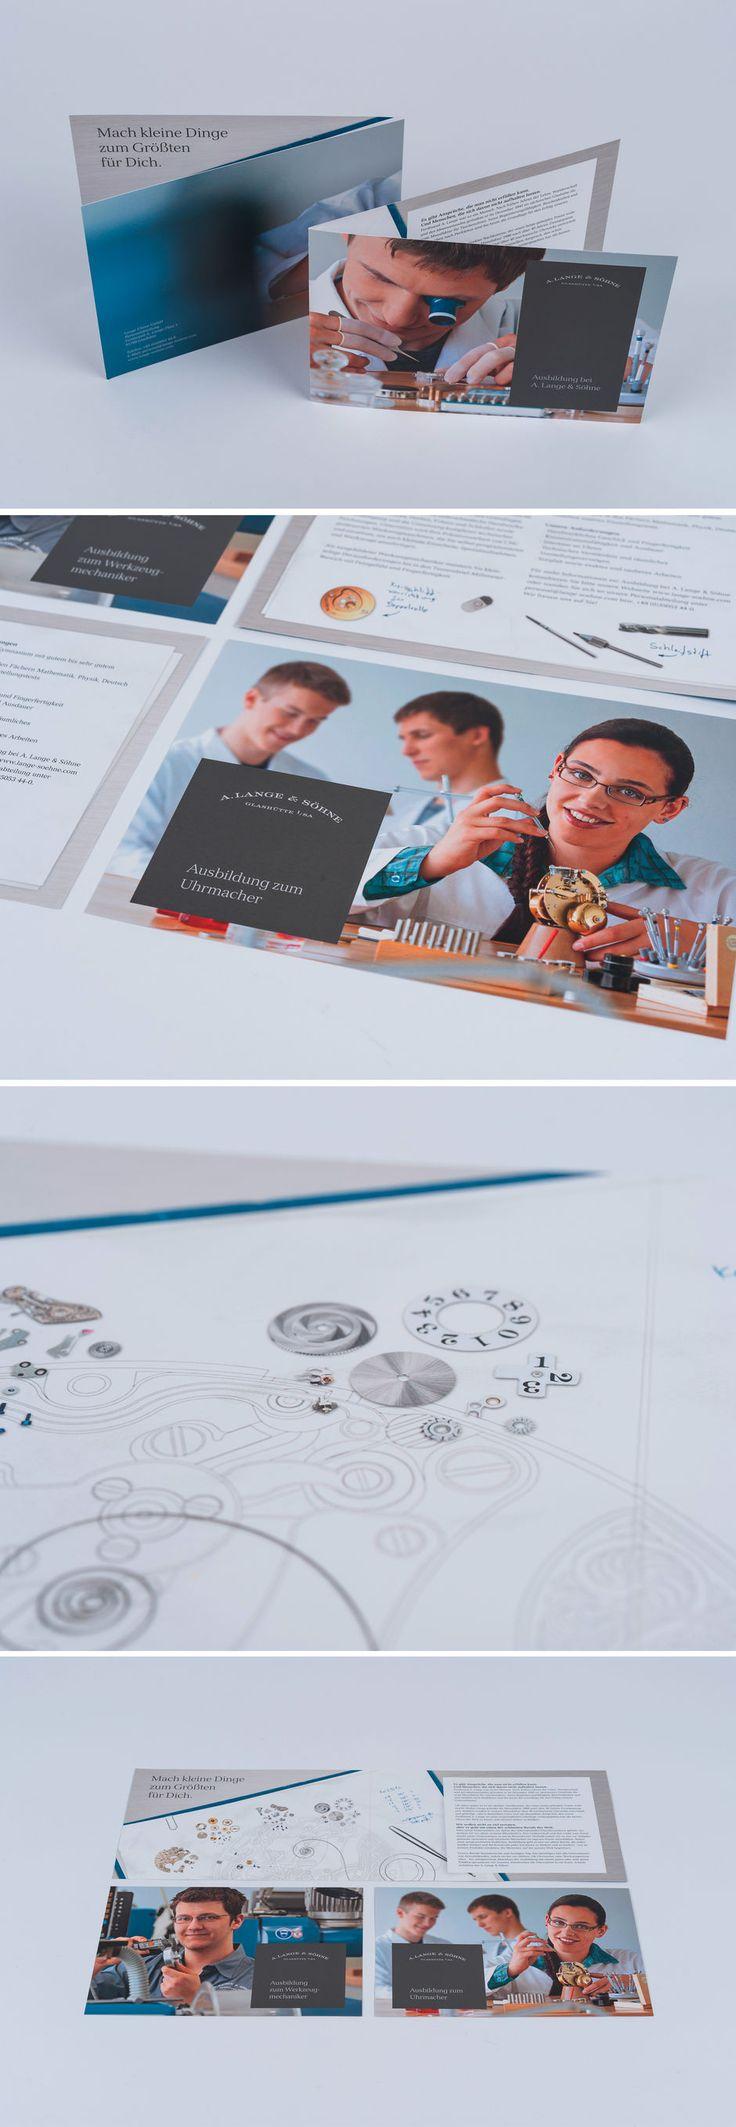 ATMO Designstudio - Ausbildungsmarketing - A. Lange & Söhne